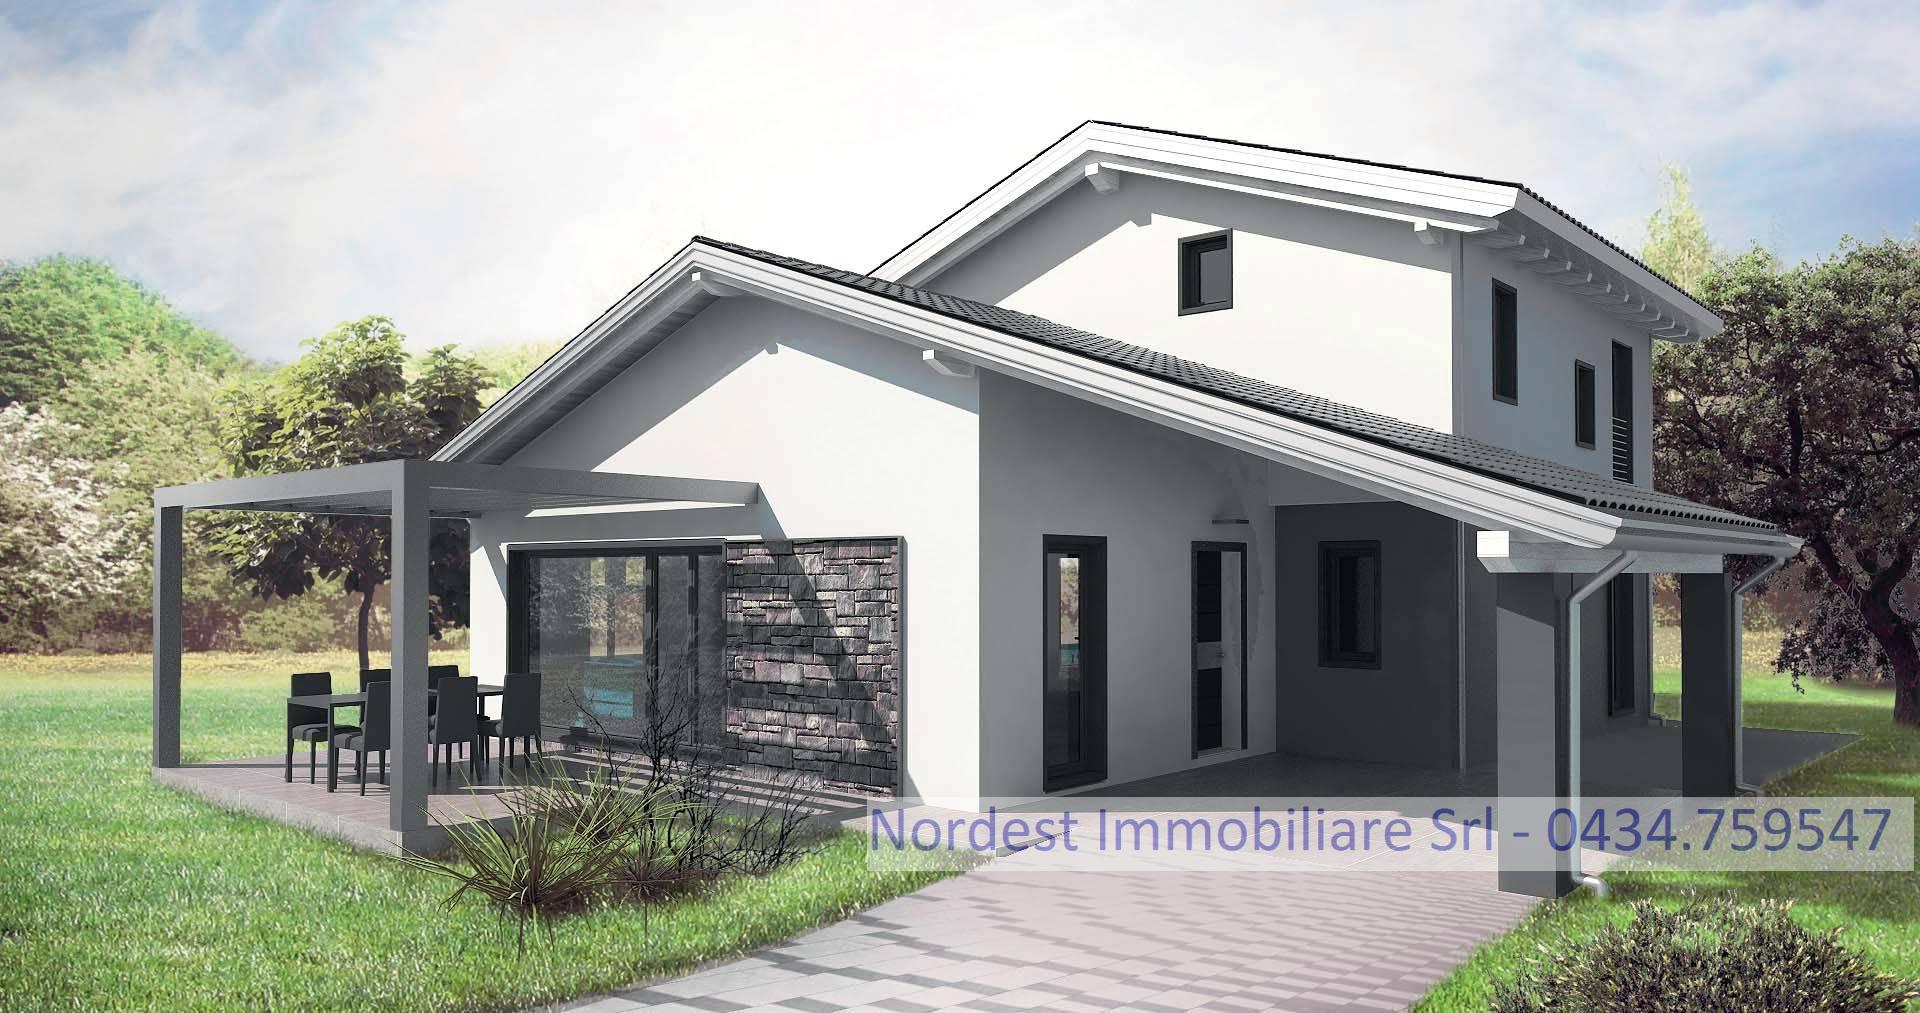 Soluzione Indipendente in vendita a Pieve di Cadore, 6 locali, prezzo € 160.000 | CambioCasa.it